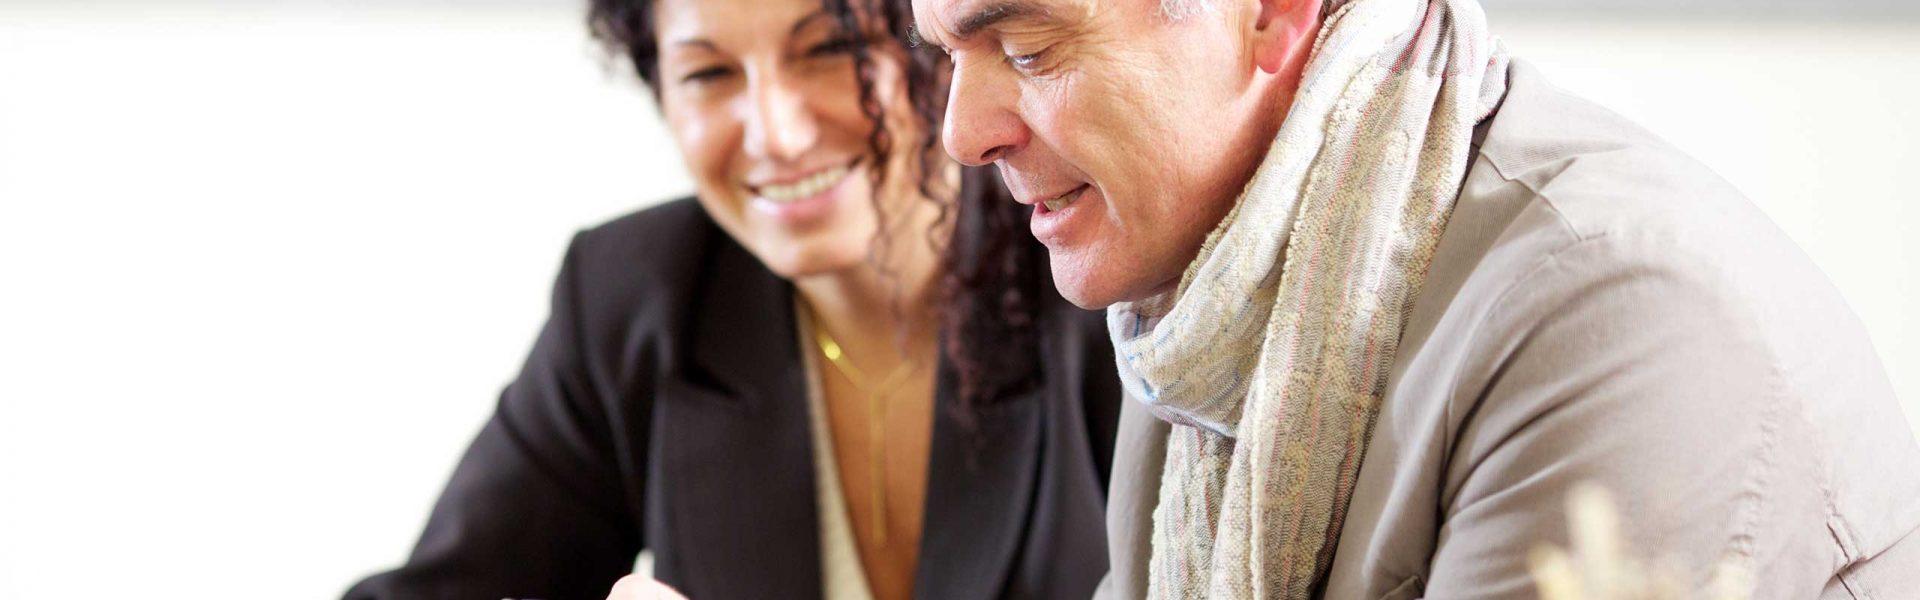 Die Führungskräfteseminare von ProContent verbessern ihre Führungsqualitäten und die Kommunikation mit Mitarbeitern.